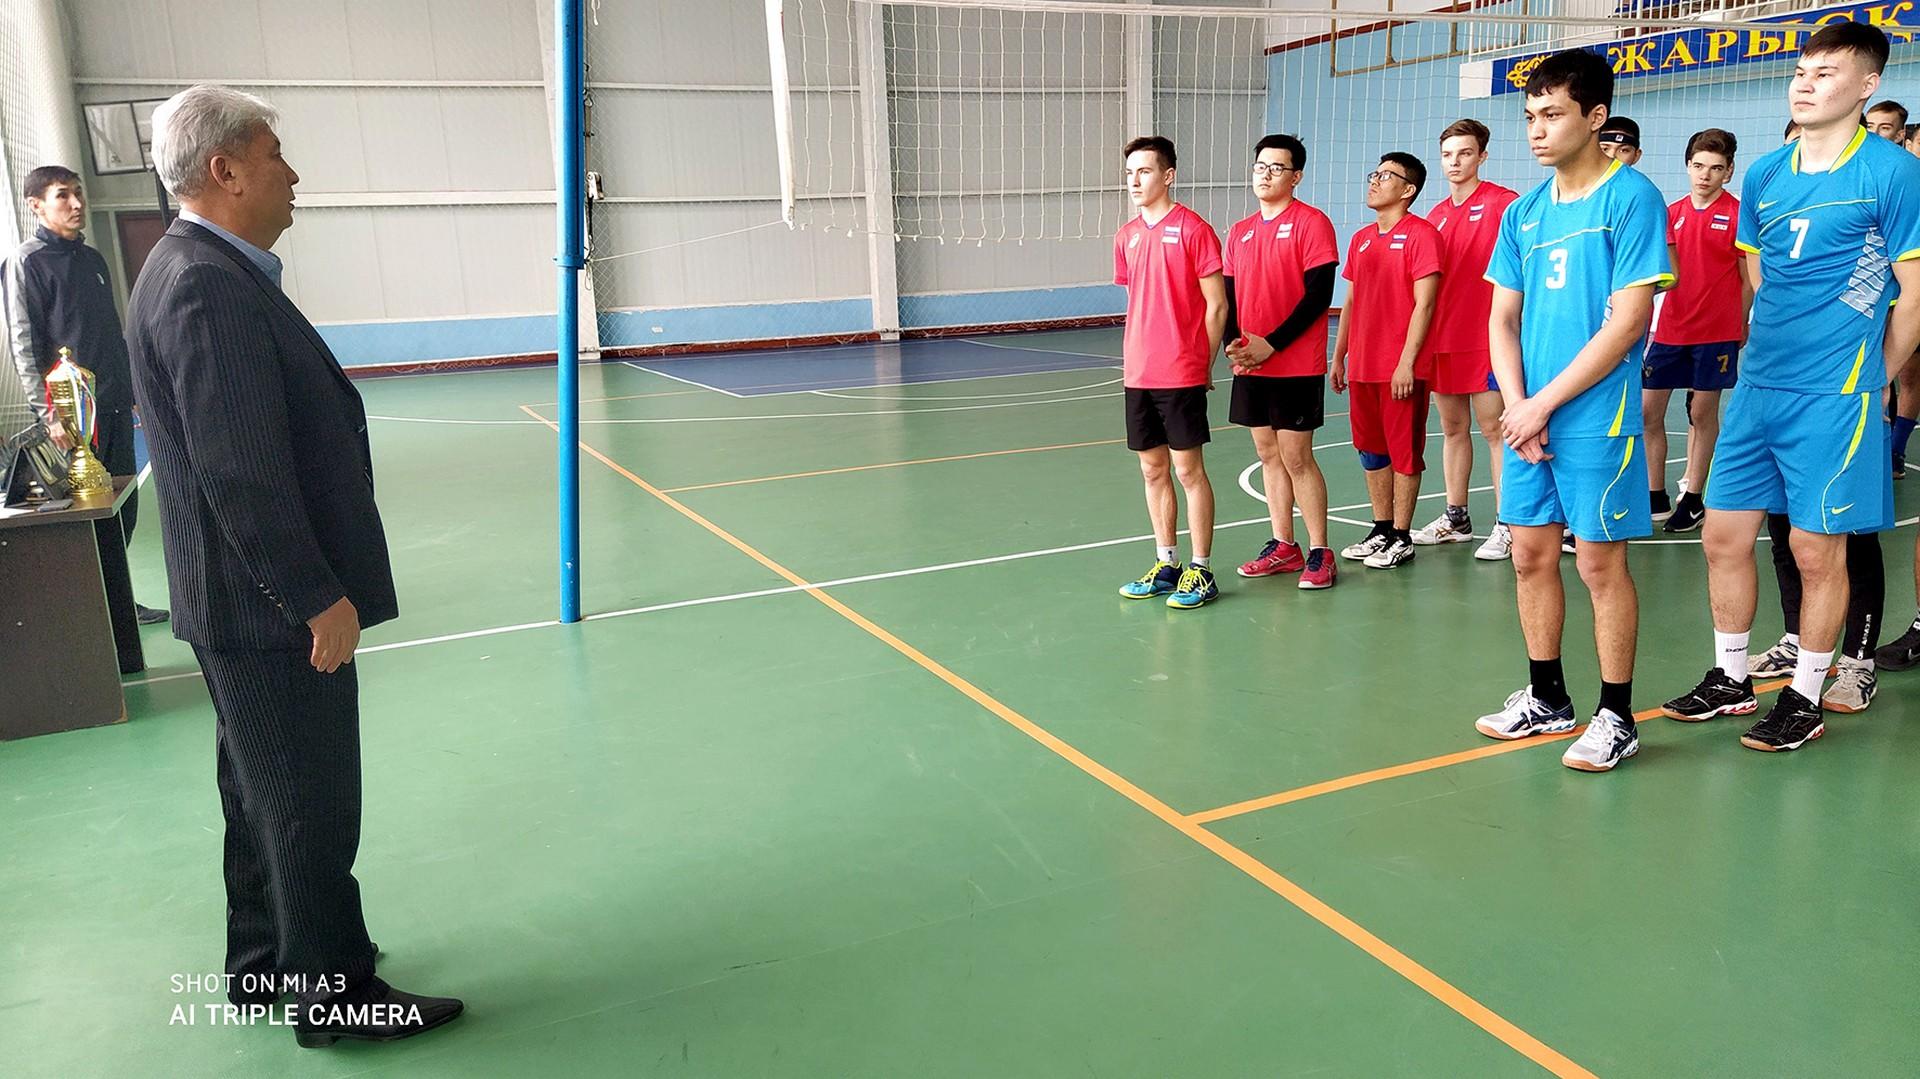 Прошел турнир по волейболу между школьниками школы № 3 им. С.П. Королёва и школы № 274 г. Байконура и воспитанниками спортивной школы № 15 поселка Тюратам .